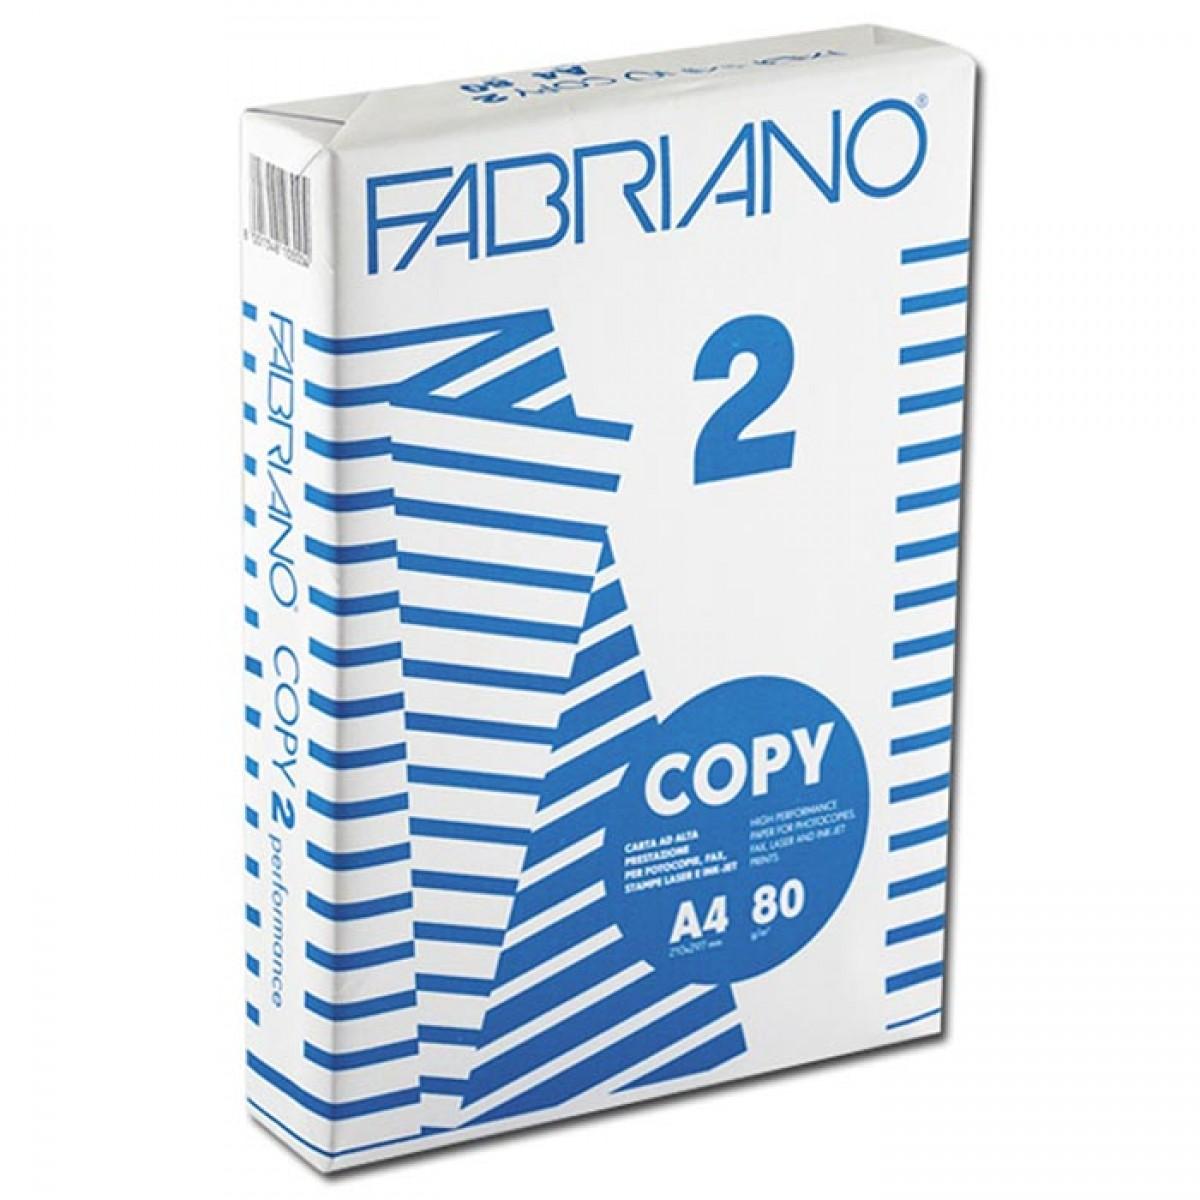 Farbriano Χαρτί Φωτ/κό Α4, Λευκό Χαρτί Φωτοτυπικού